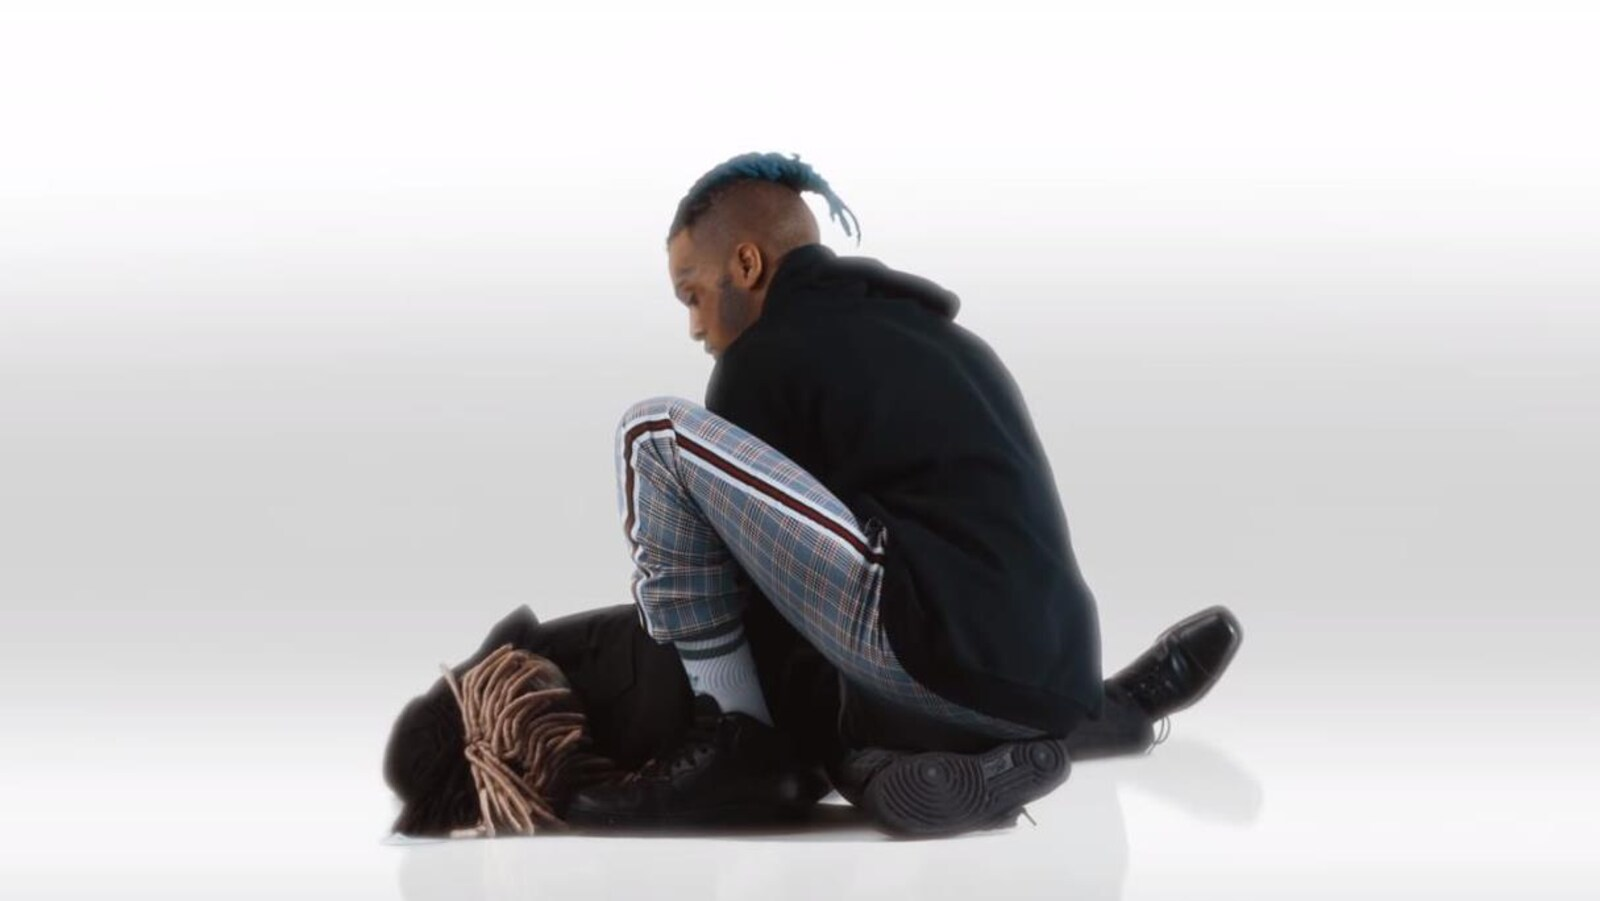 Le rappeur XXXTentacion se penche au-dessus de son cadavre dans une vidéo tournée quelques semaines avant qu'il ne soit abattu en Floride.